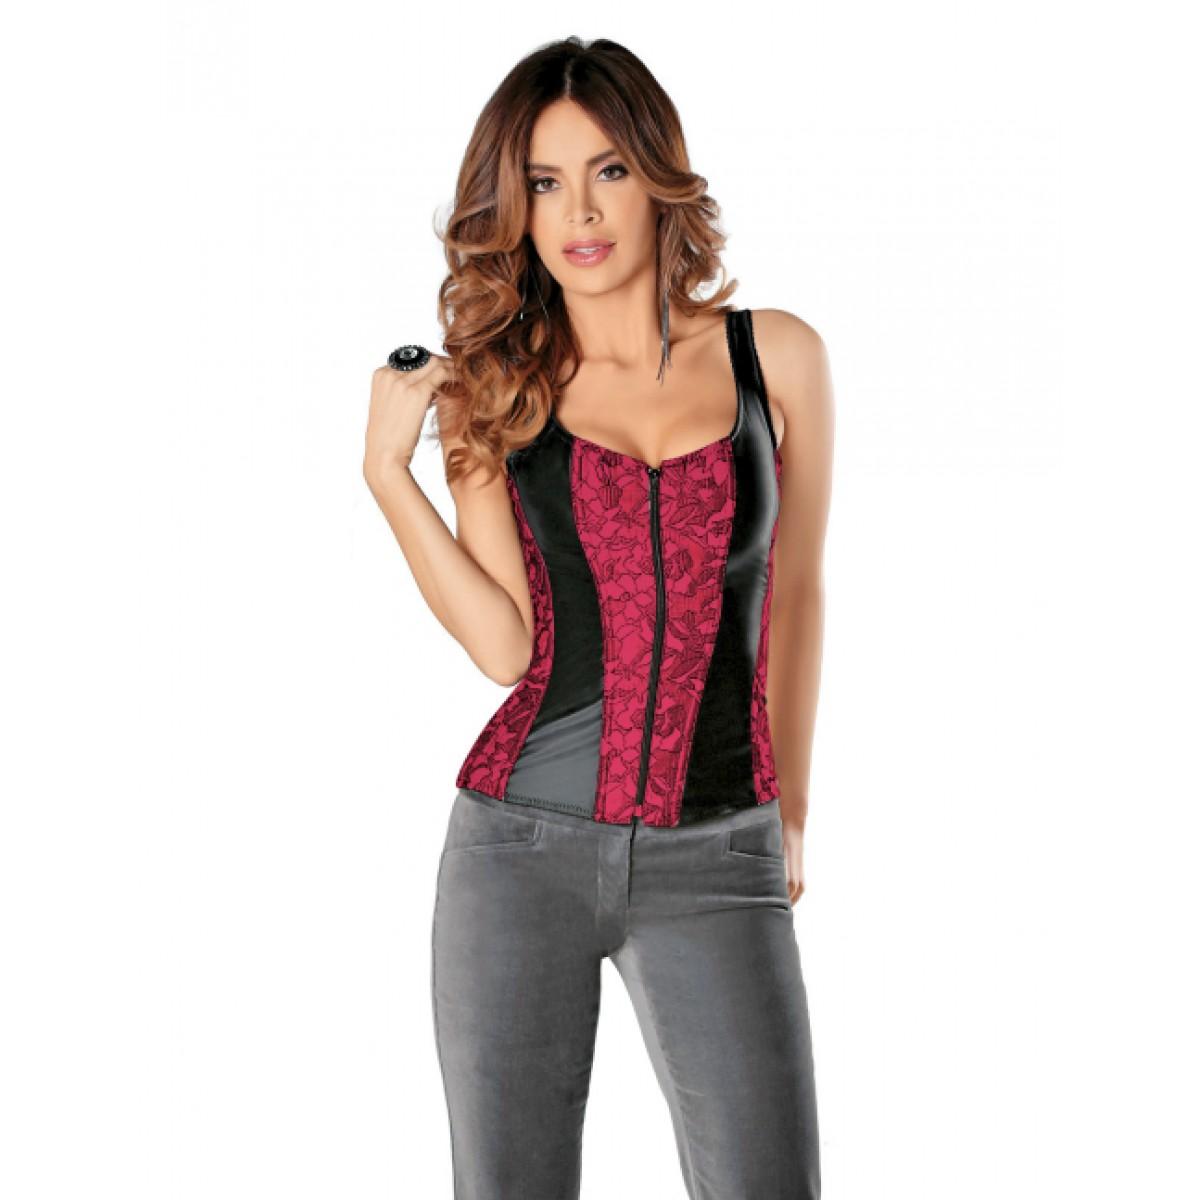 gojilove sexy corset